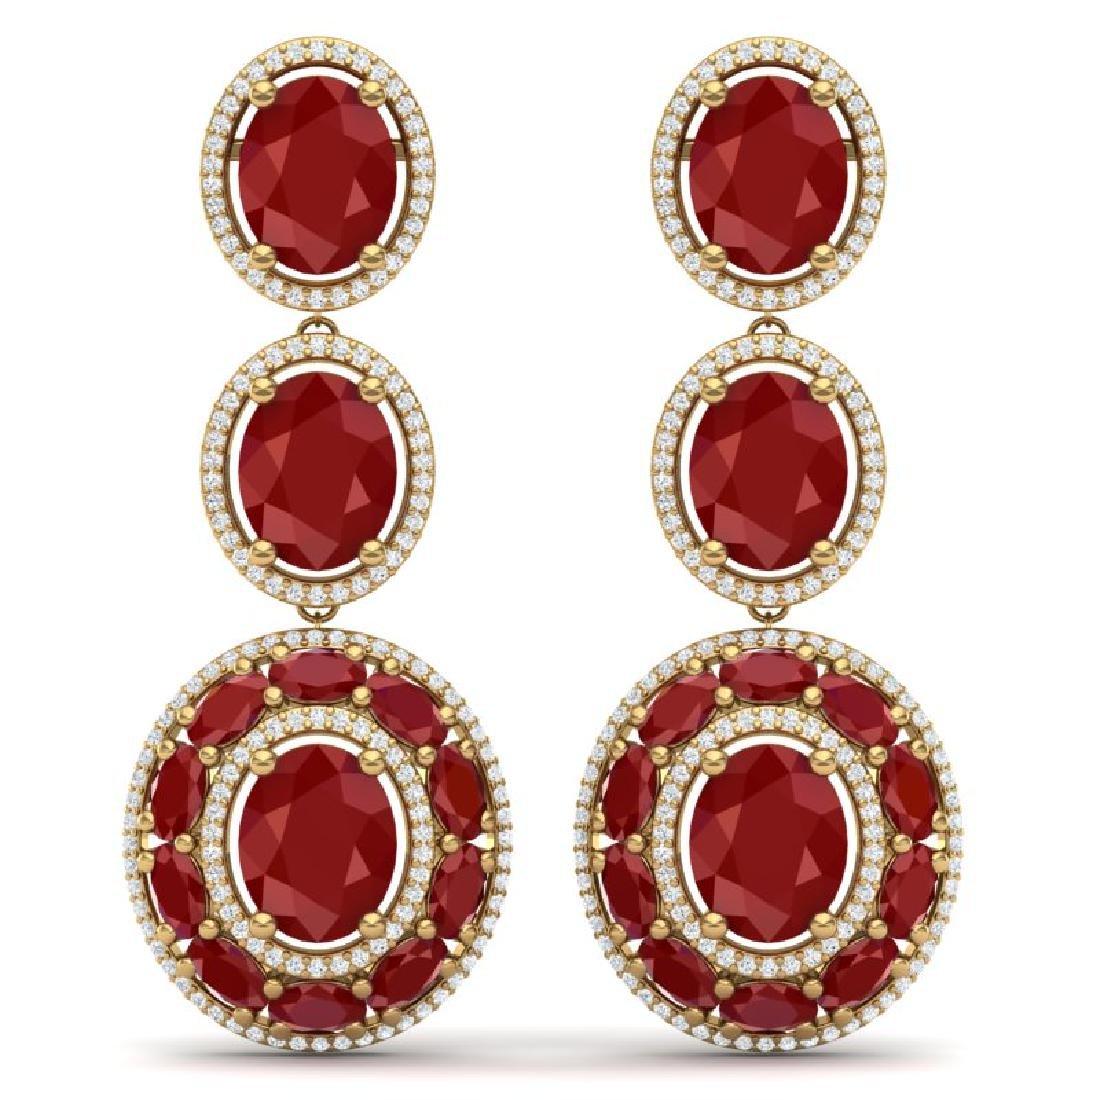 32.84 CTW Royalty Designer Ruby & VS Diamond Earrings